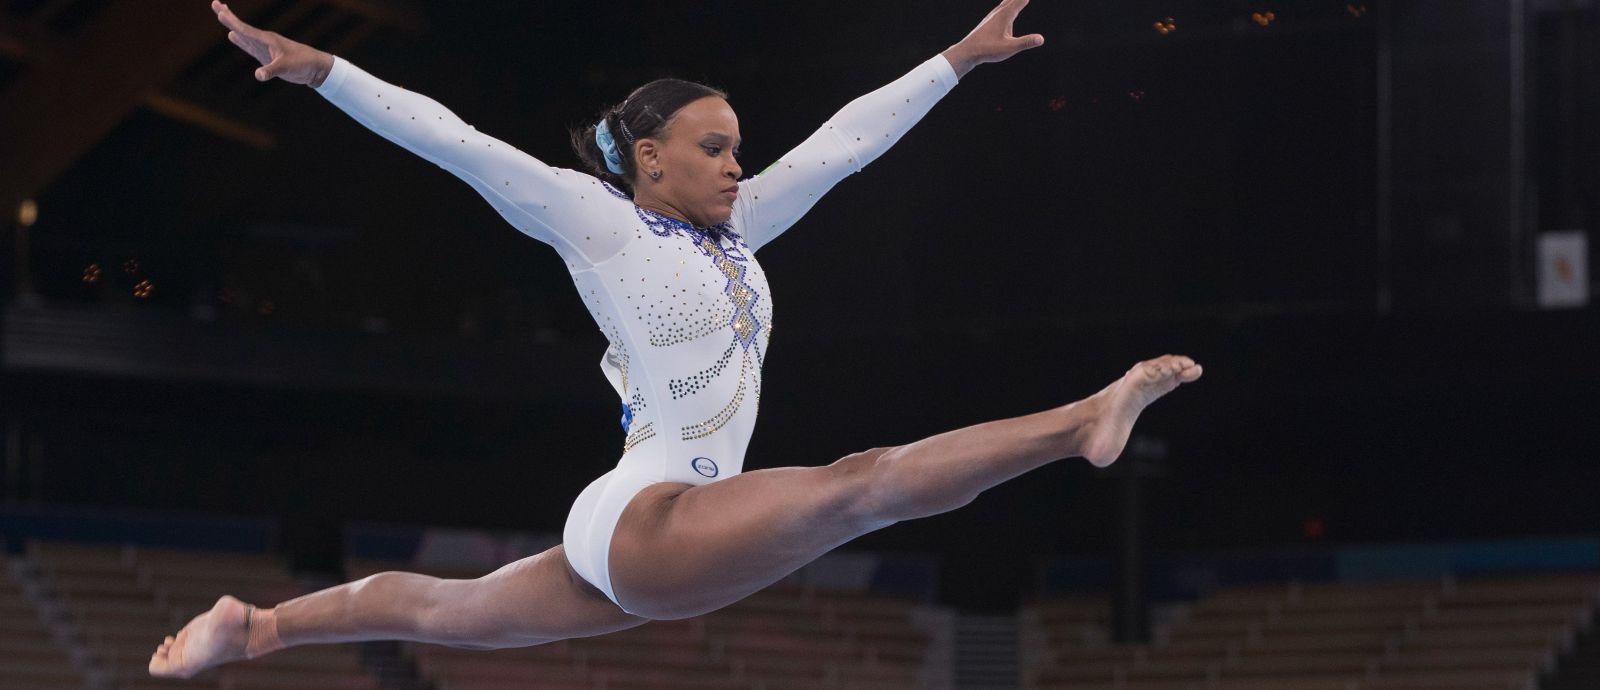 Dia tem chance de medalha na ginástica: veja a agenda da Olimpíada